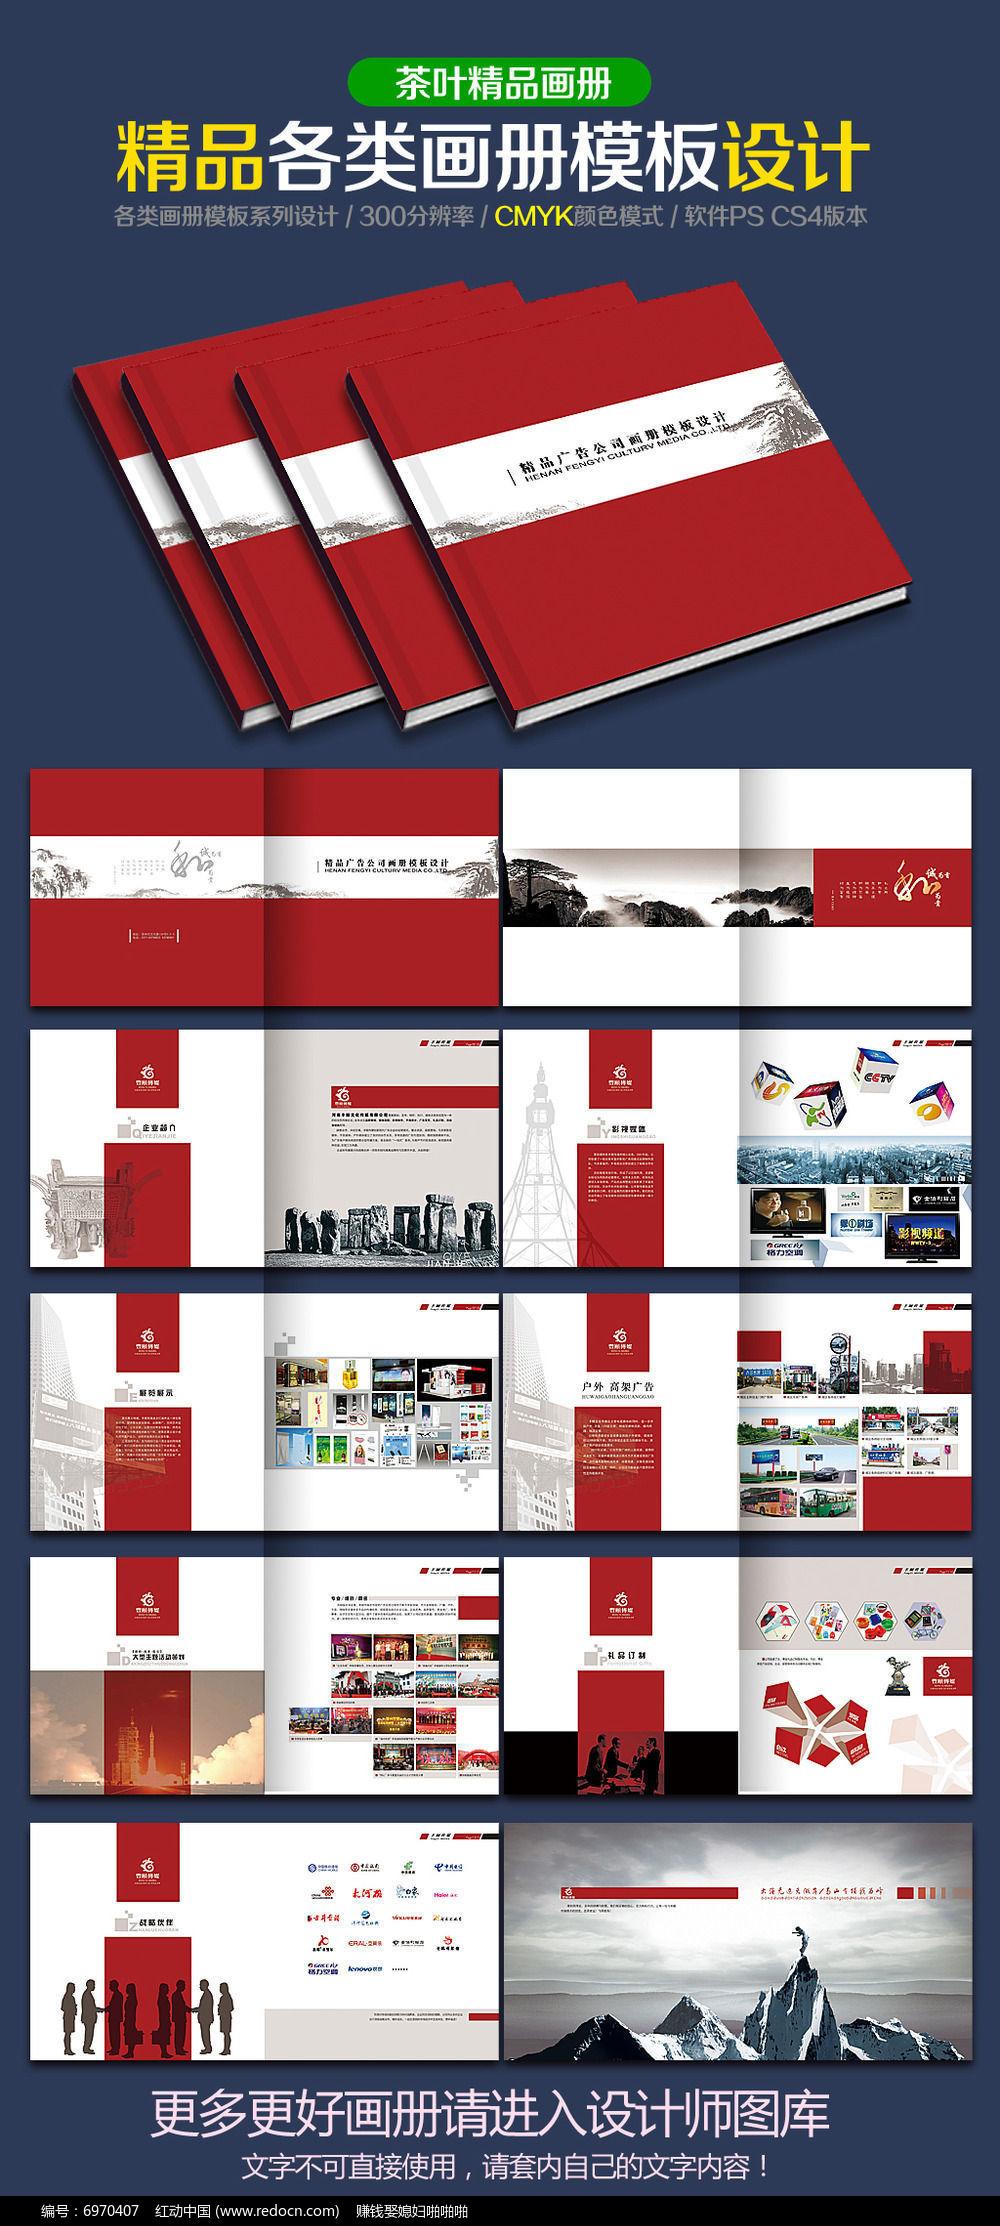 广告传媒公司画册模板图片